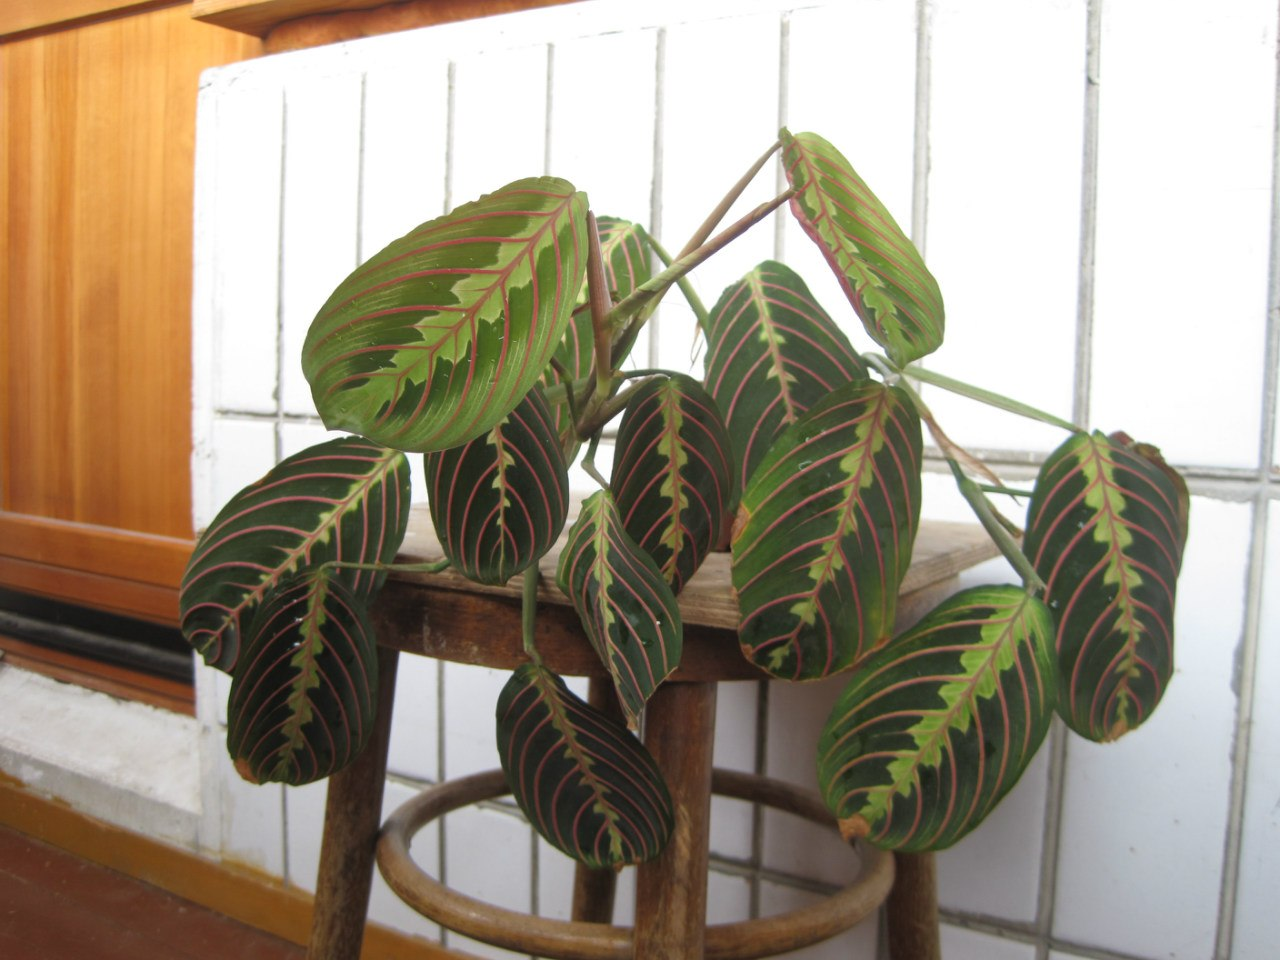 комнатные растения названия и фото марантовые